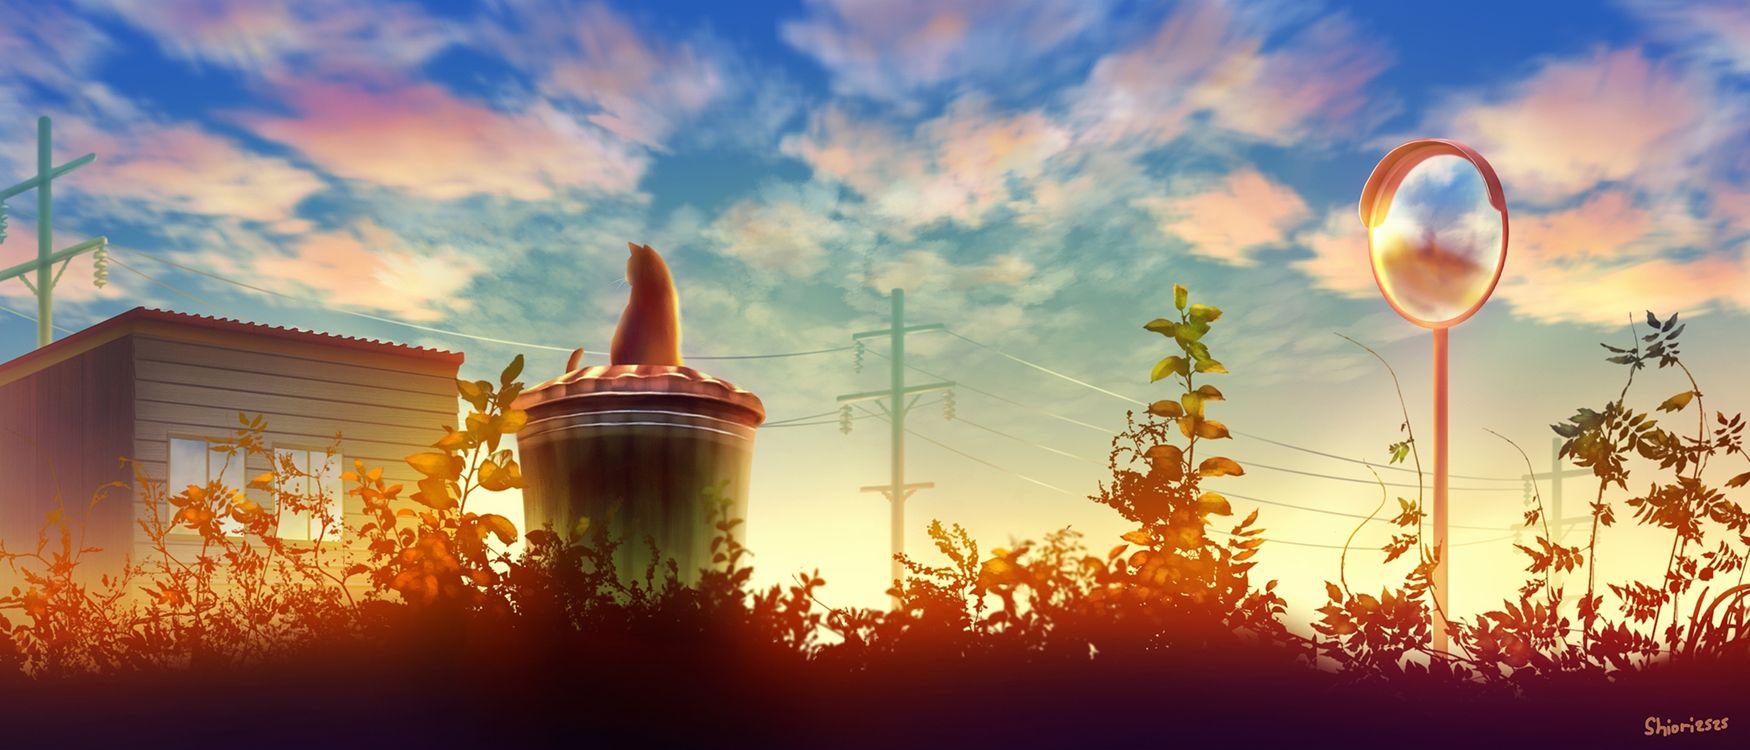 Фото бесплатно аниме пейзаж, котенок, корзина - на рабочий стол